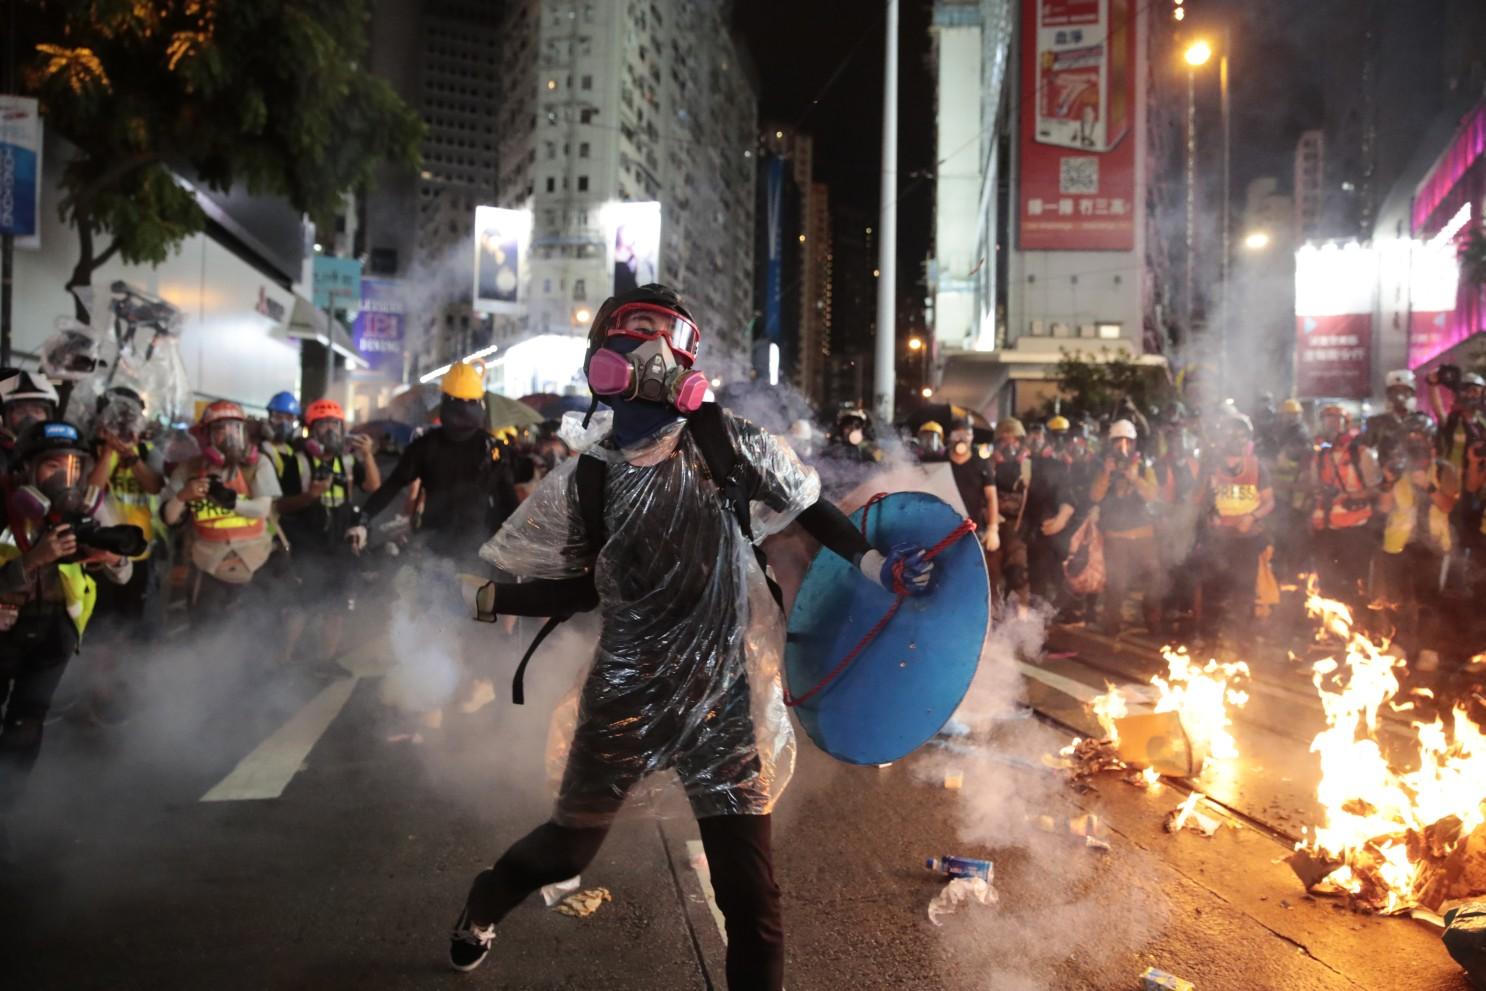 Image of Hong Kong Protester throwing rocks at riot police